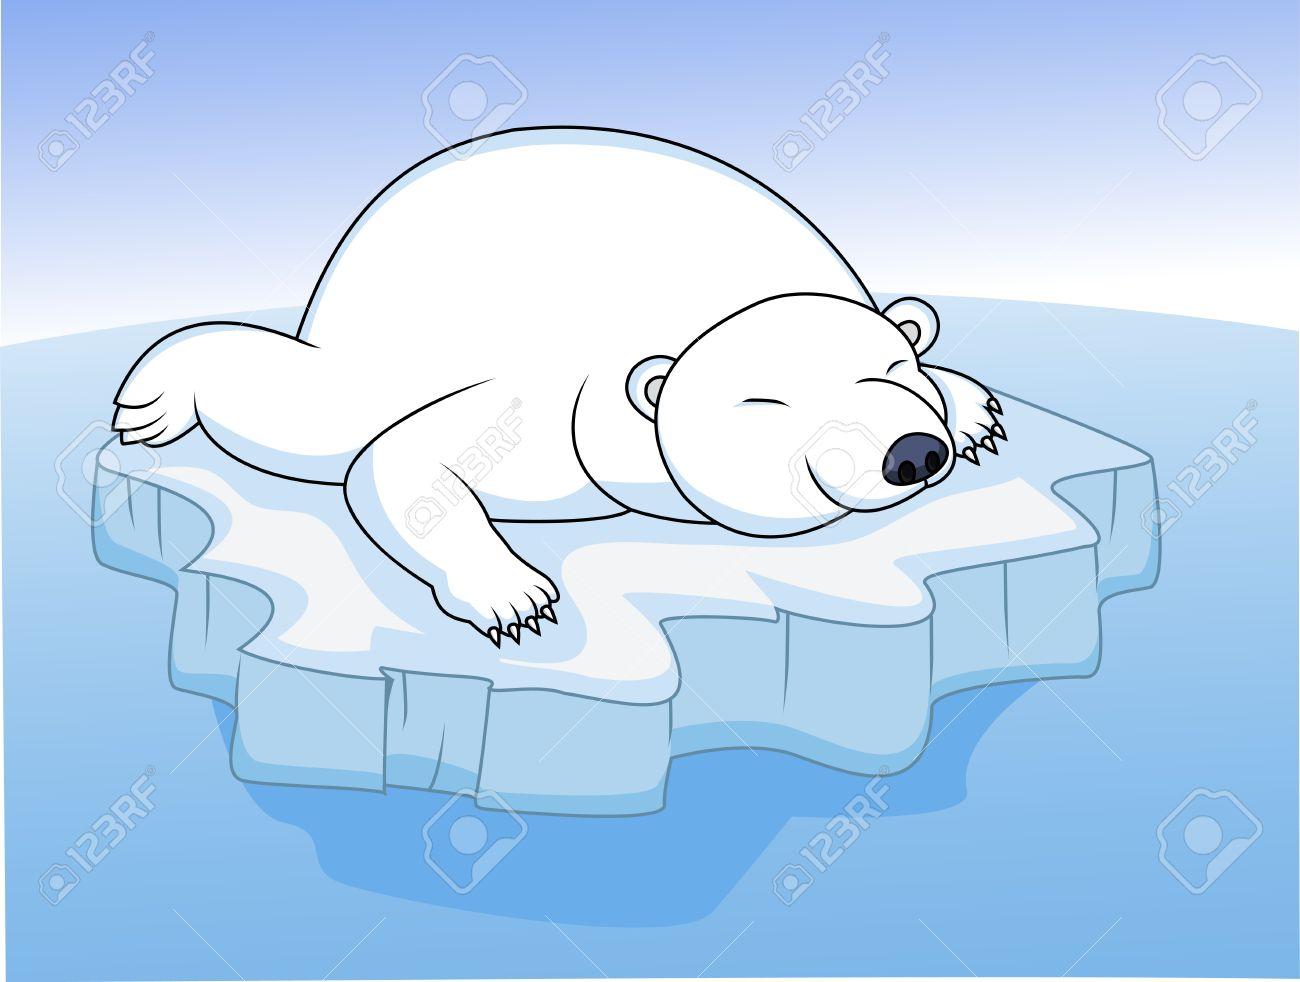 Cute polar bear on ice clipart graphic royalty free library Cute Polar Bear On Ice Clipart graphic royalty free library